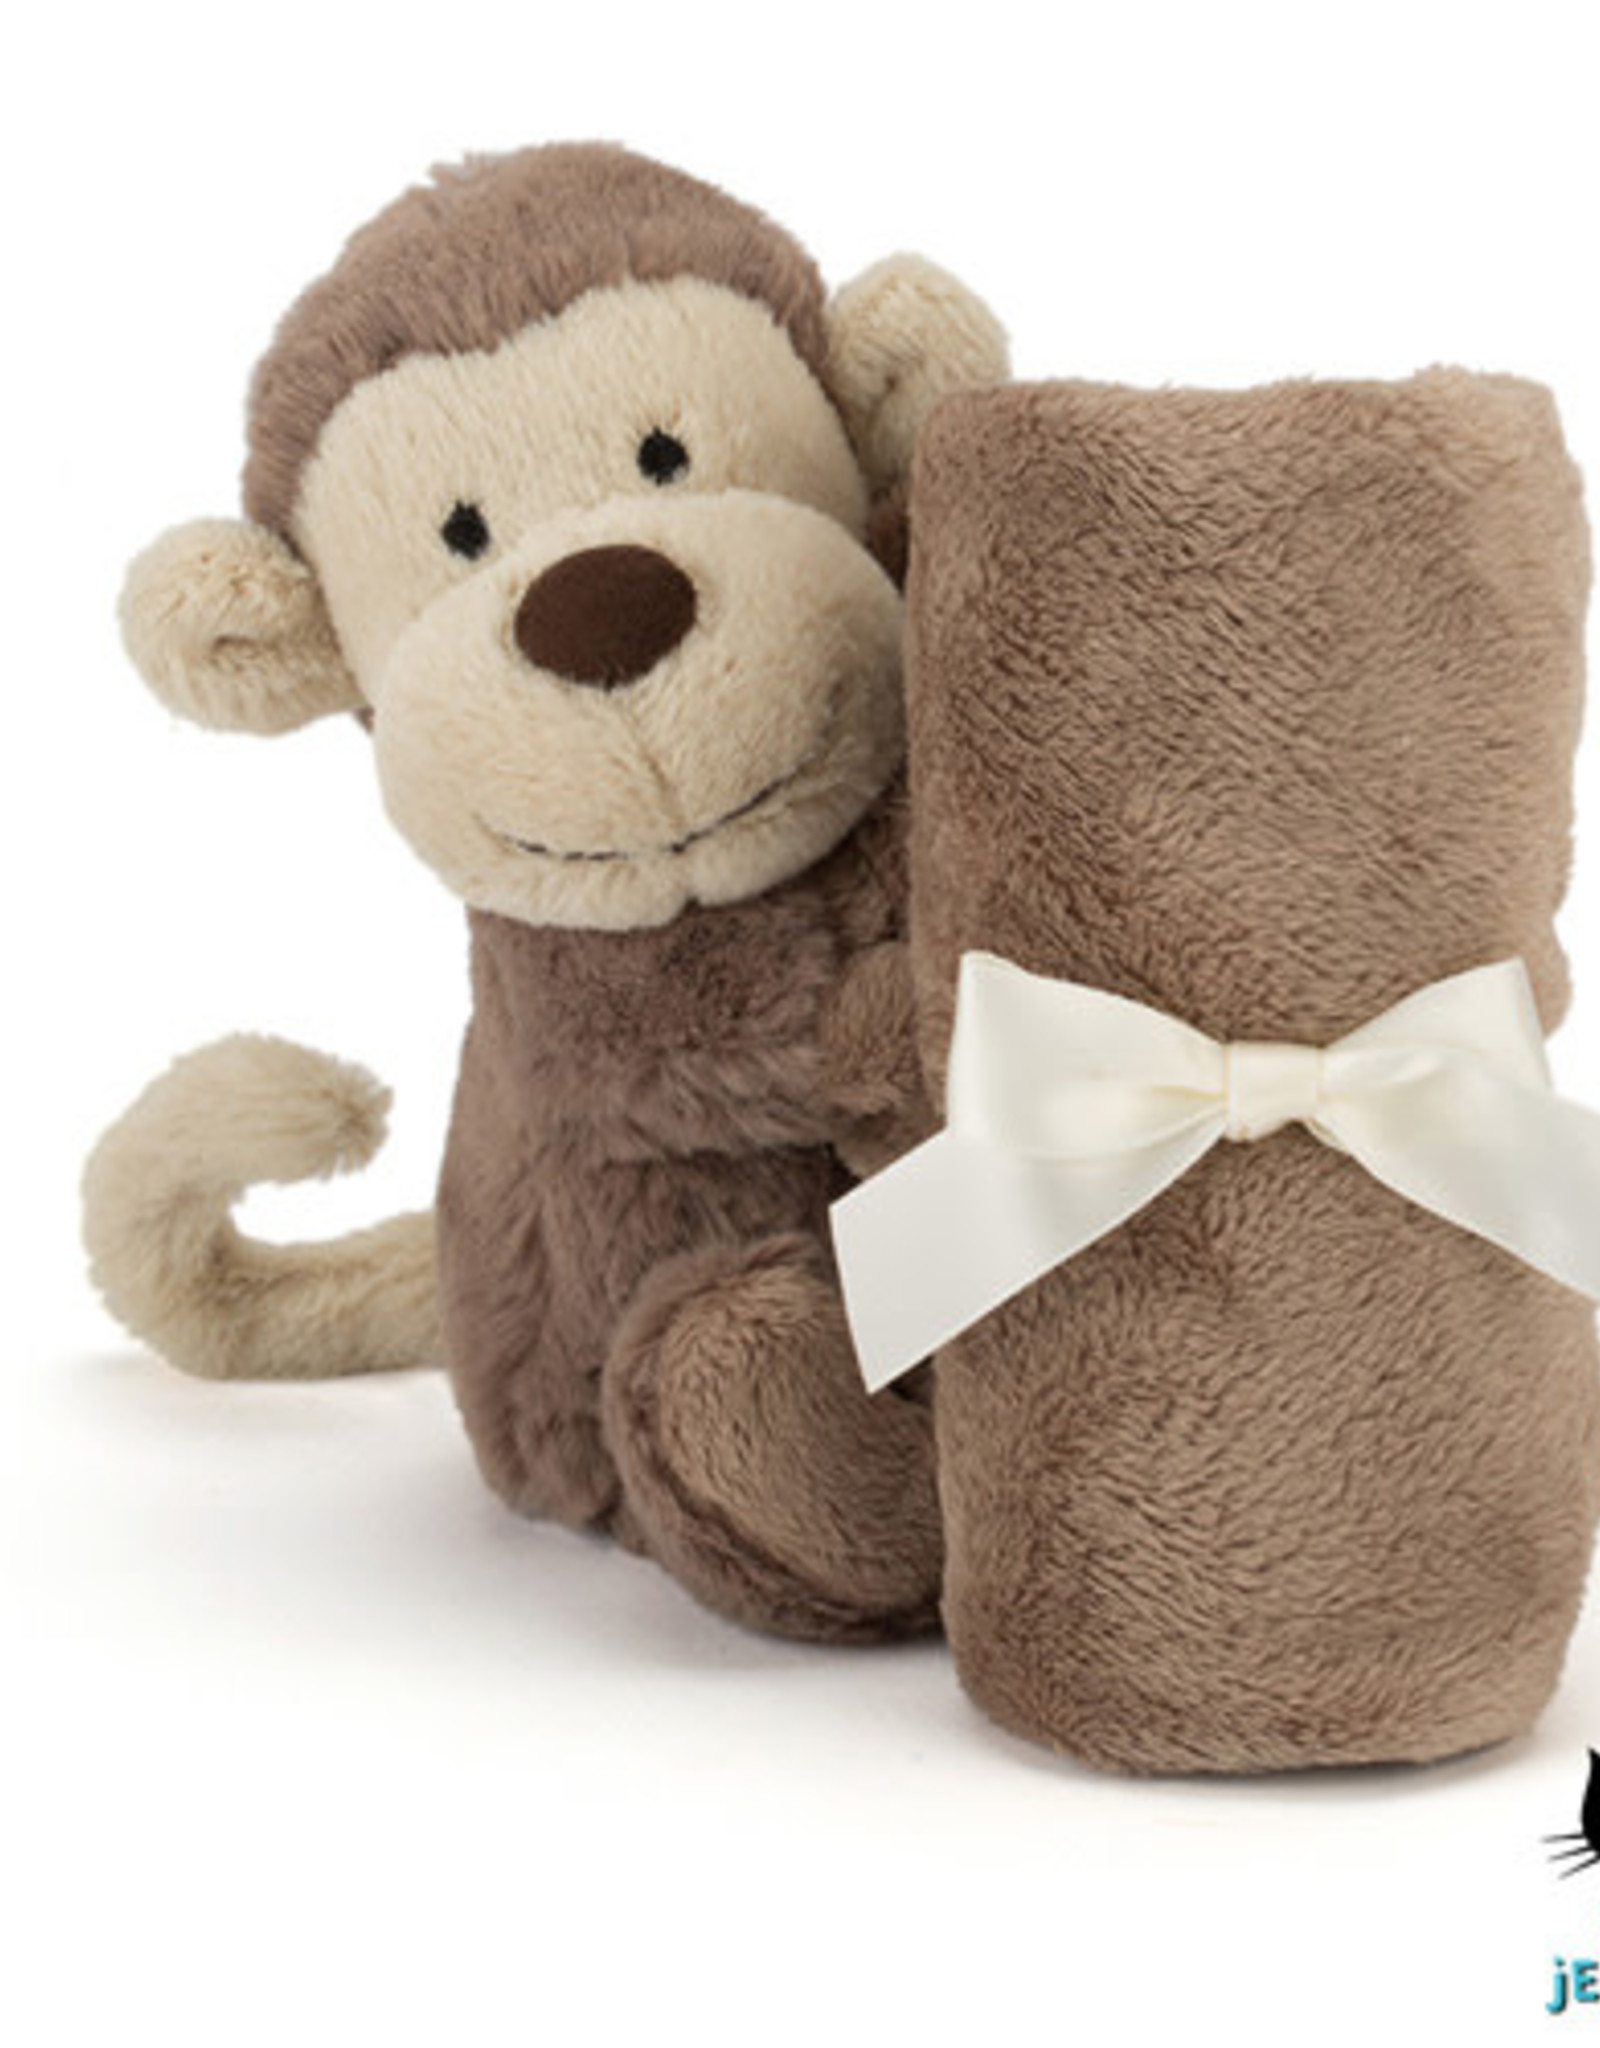 Jellycat Knuffel Doek Bashful Monkey Soother - Jellycat